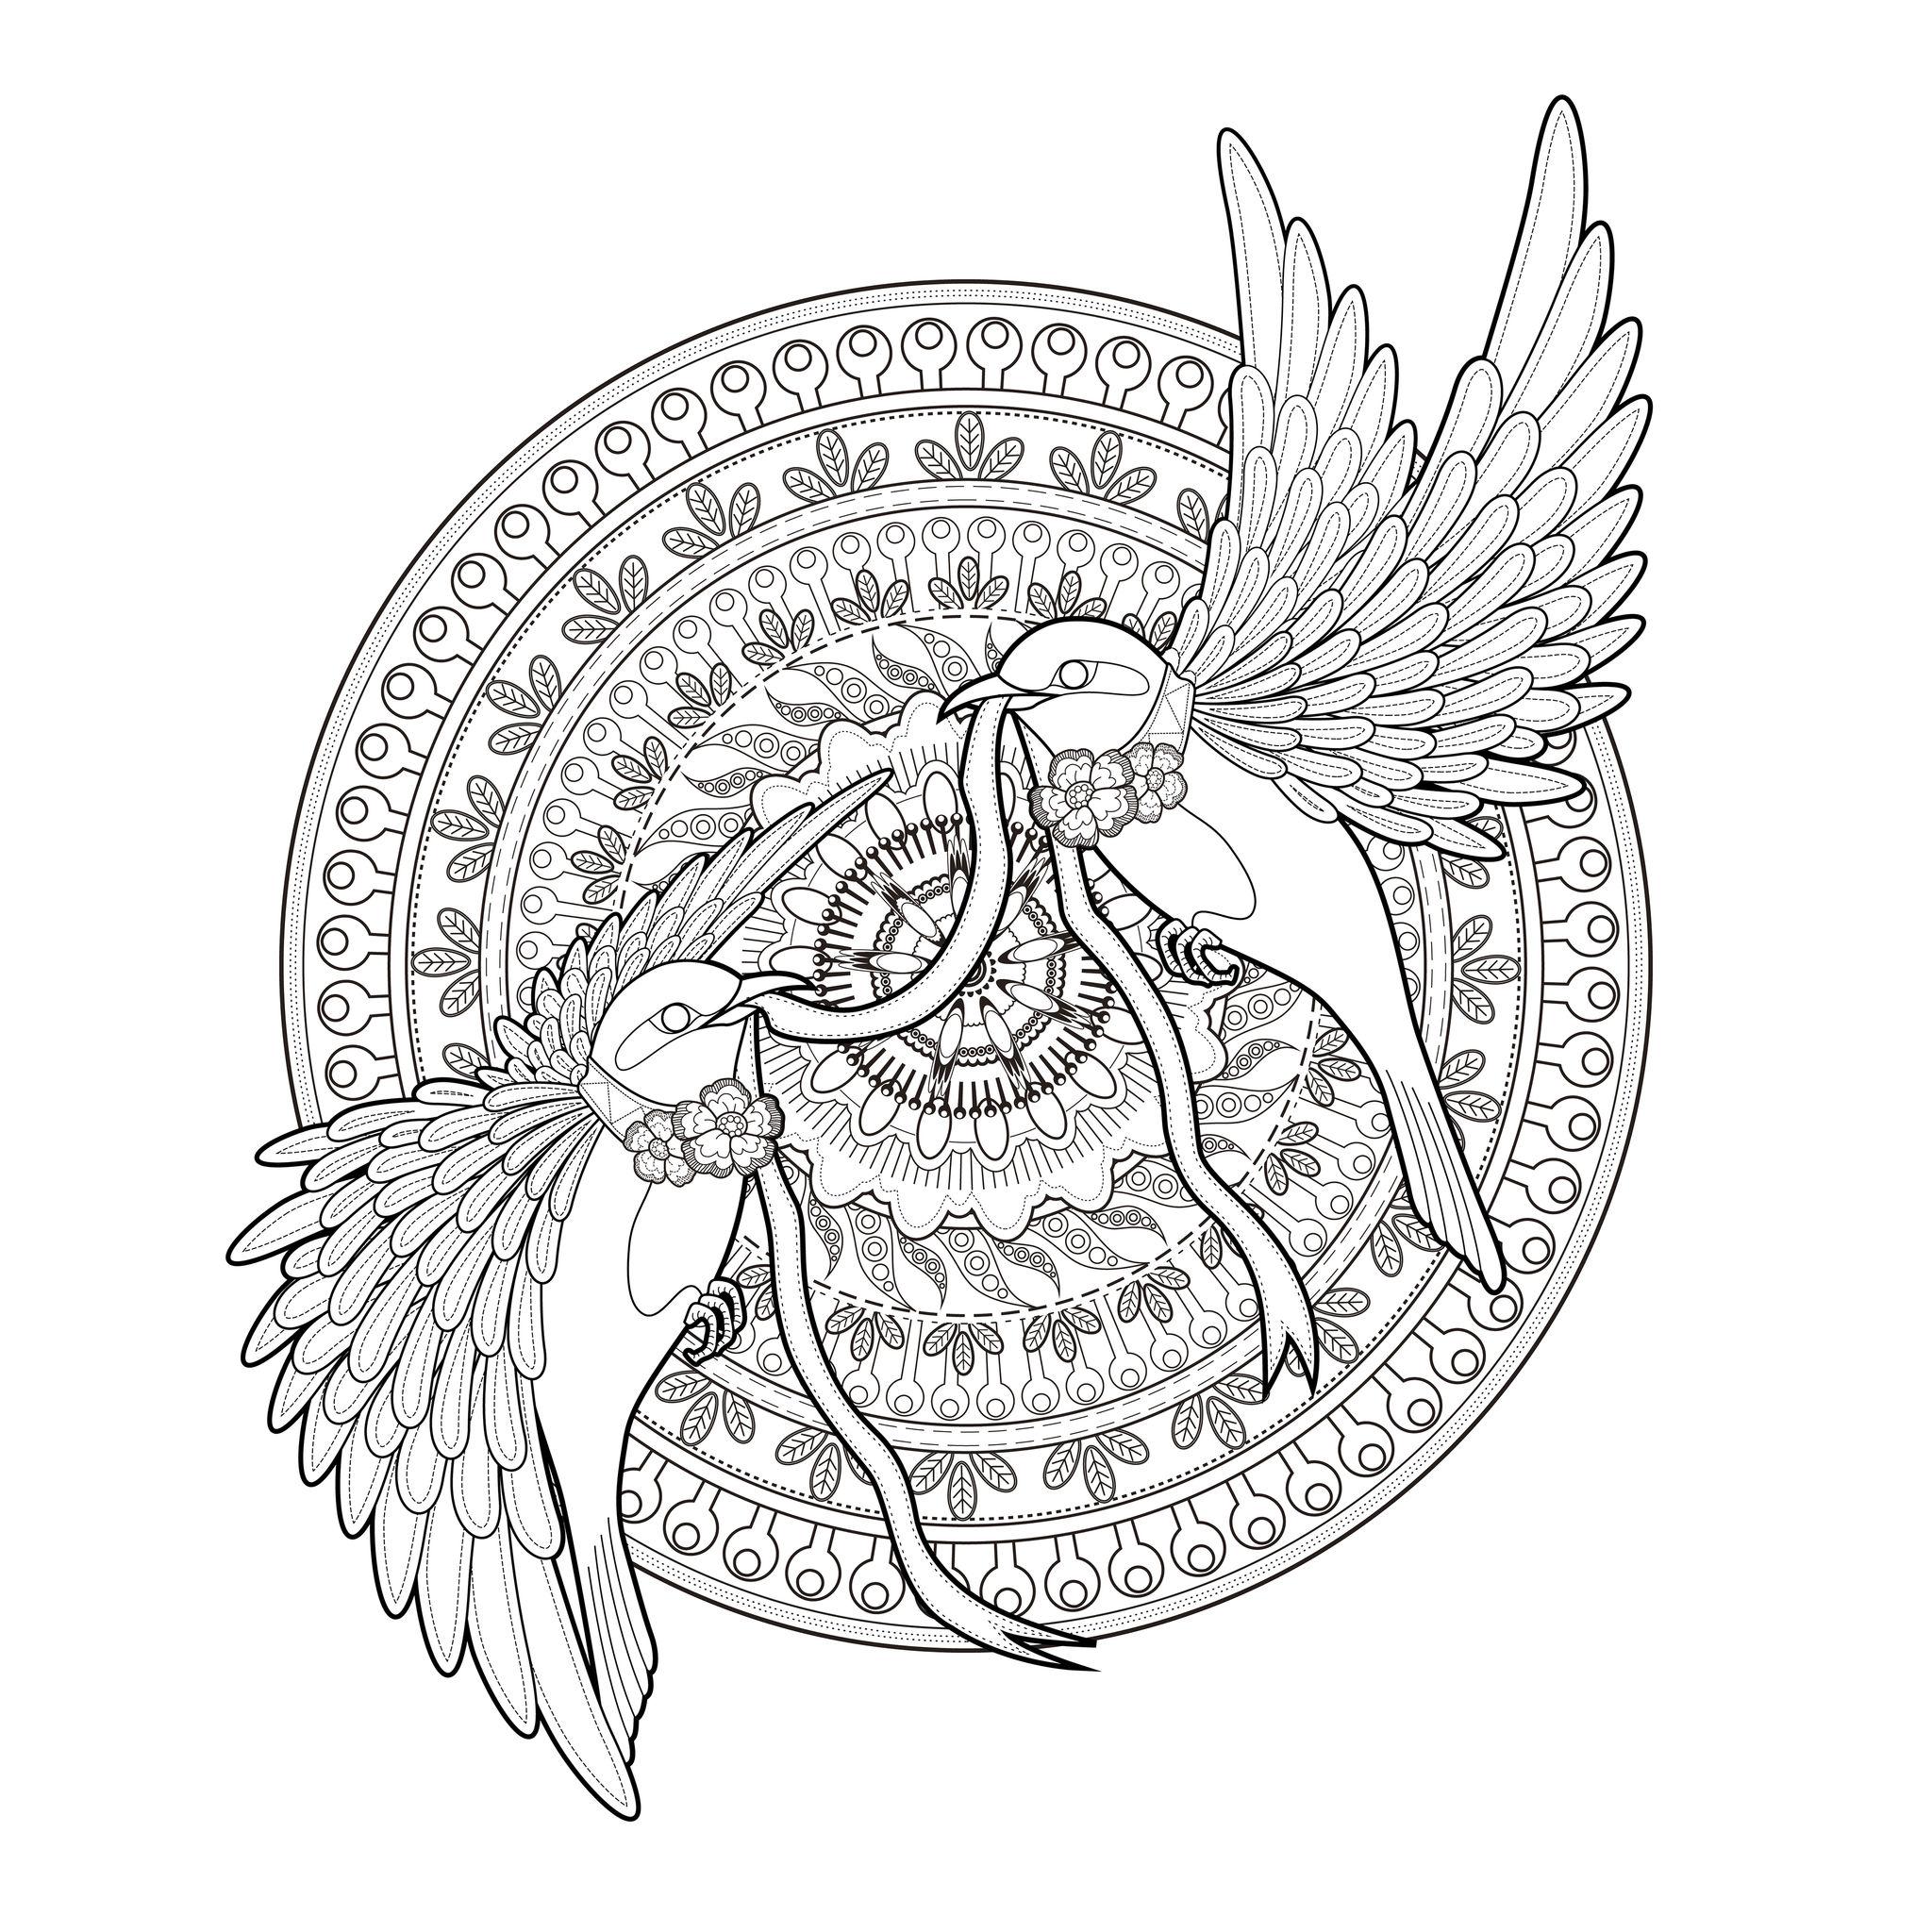 Mandala deux hirondelles et un ruban oiseaux - Coloriages adultes ...